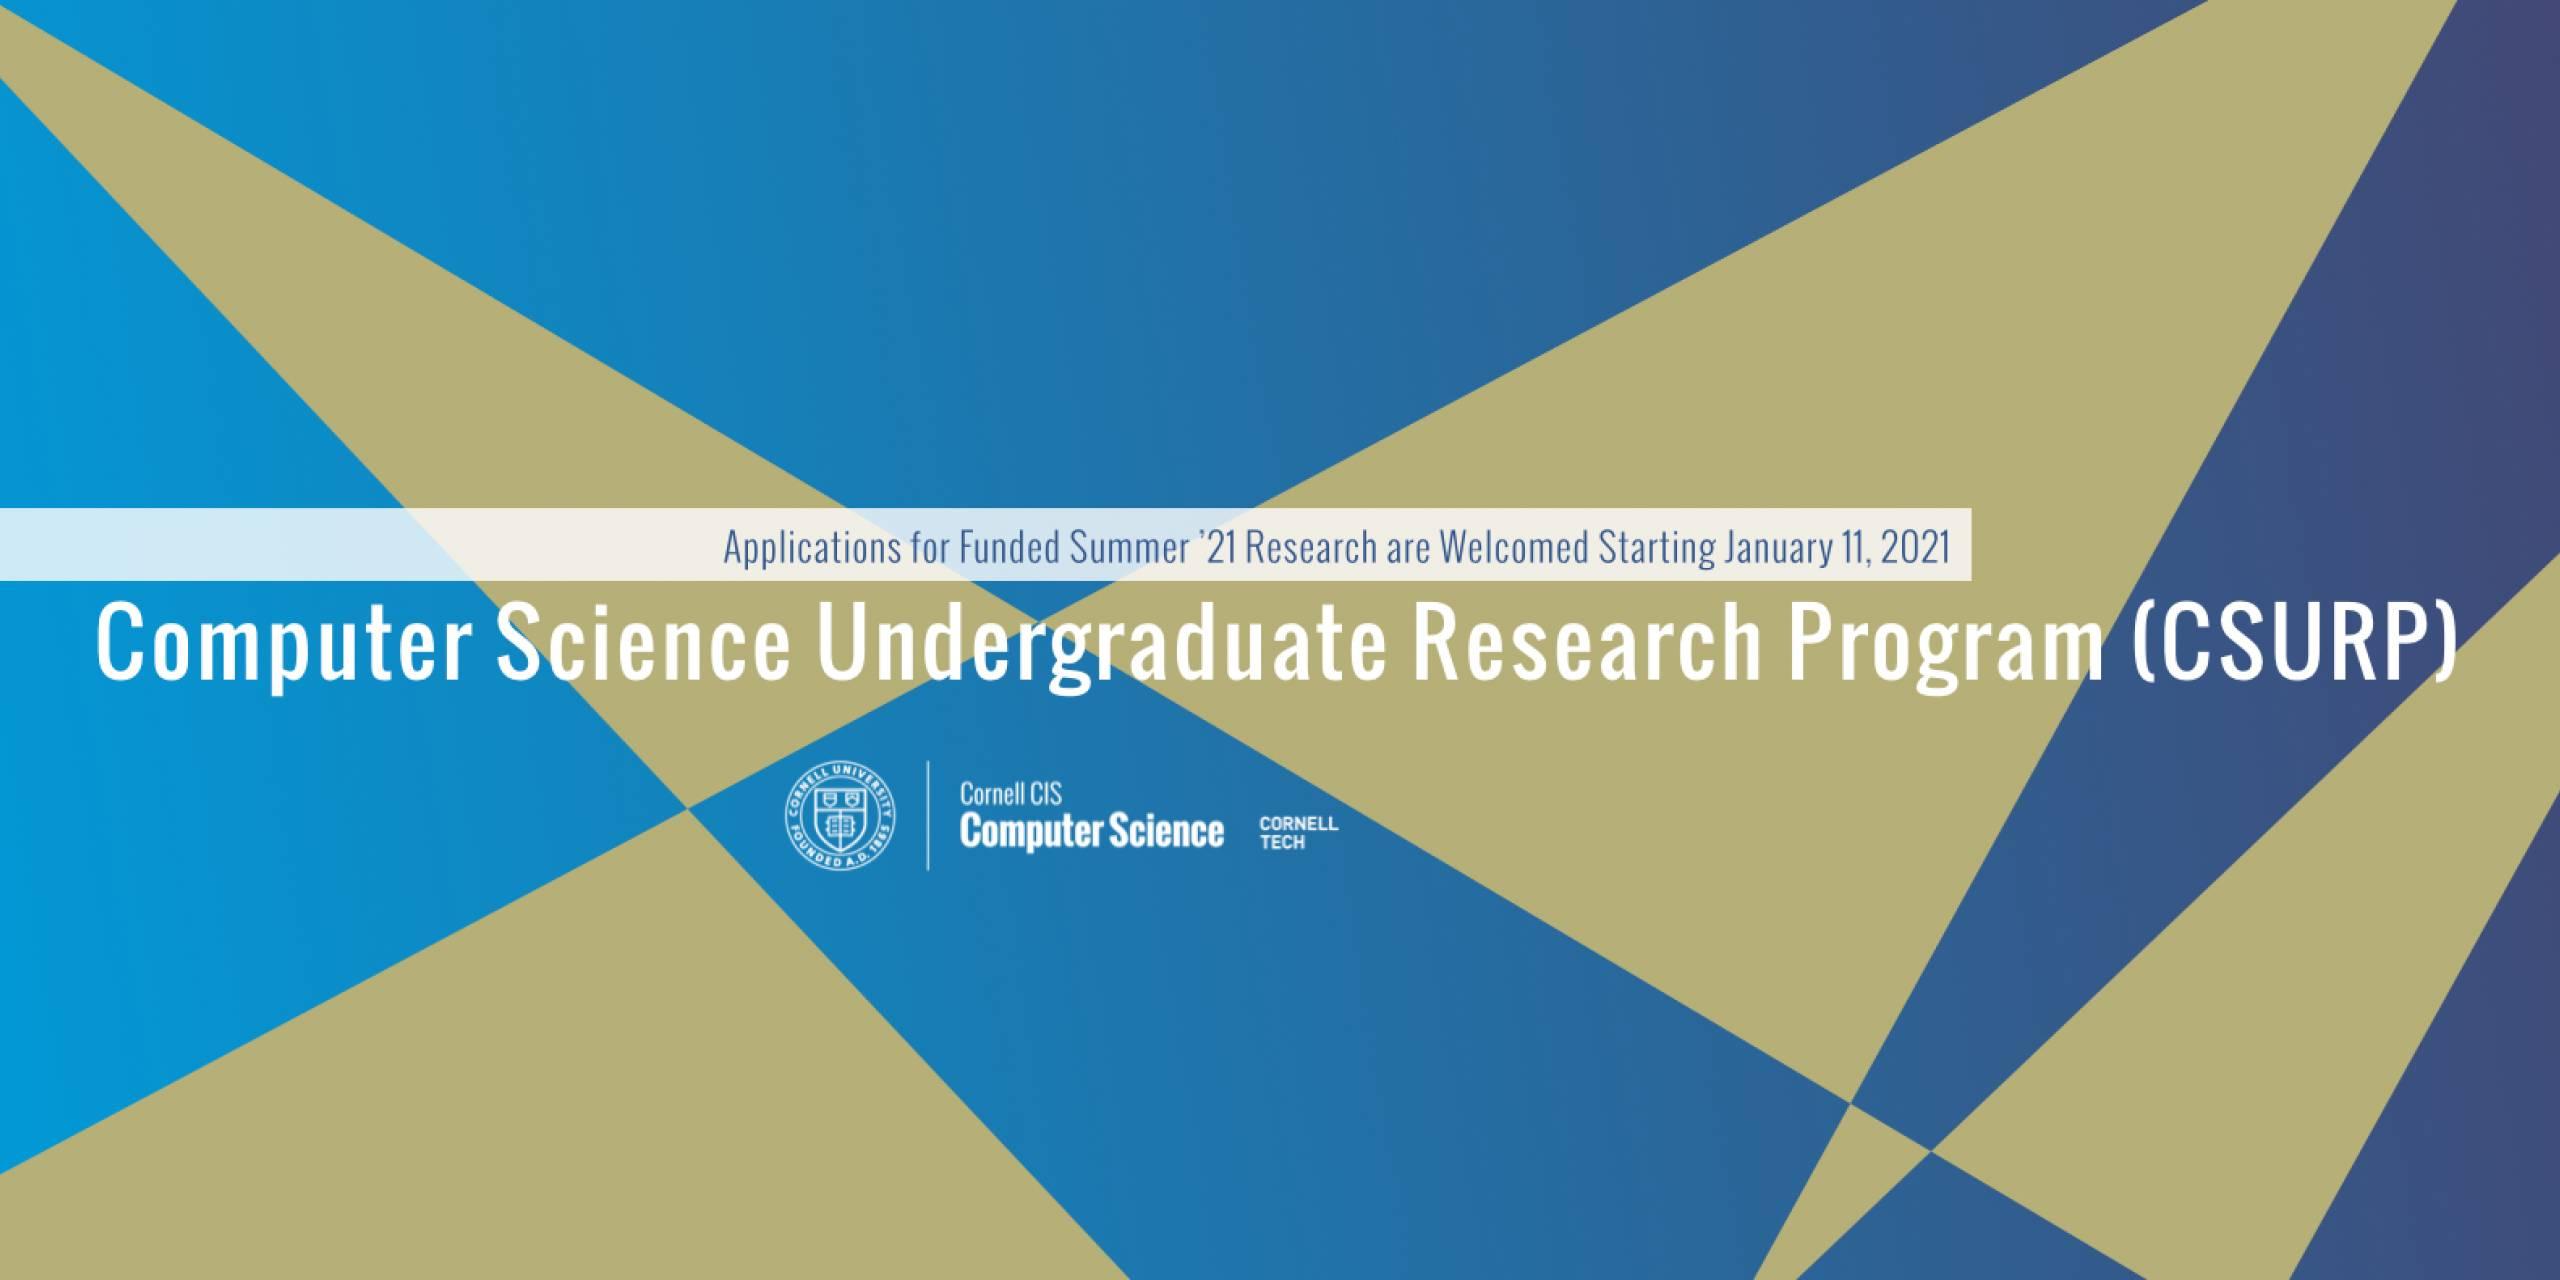 Computer Science Undergraduate Research Program (CSURP)